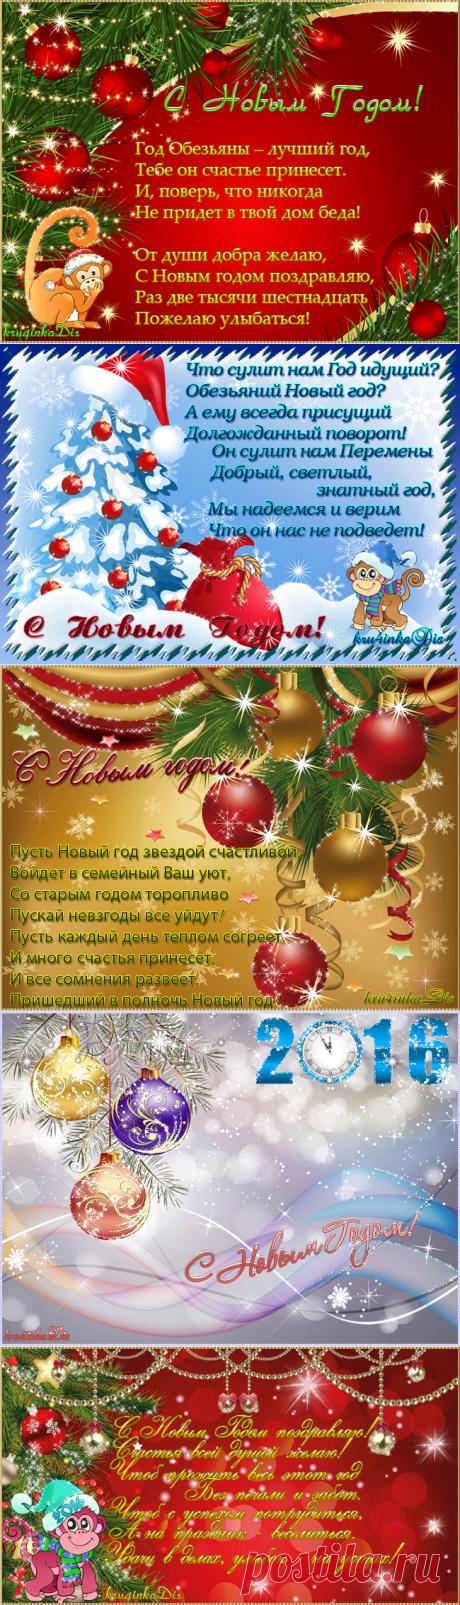 Открытки новогодние. Анимация